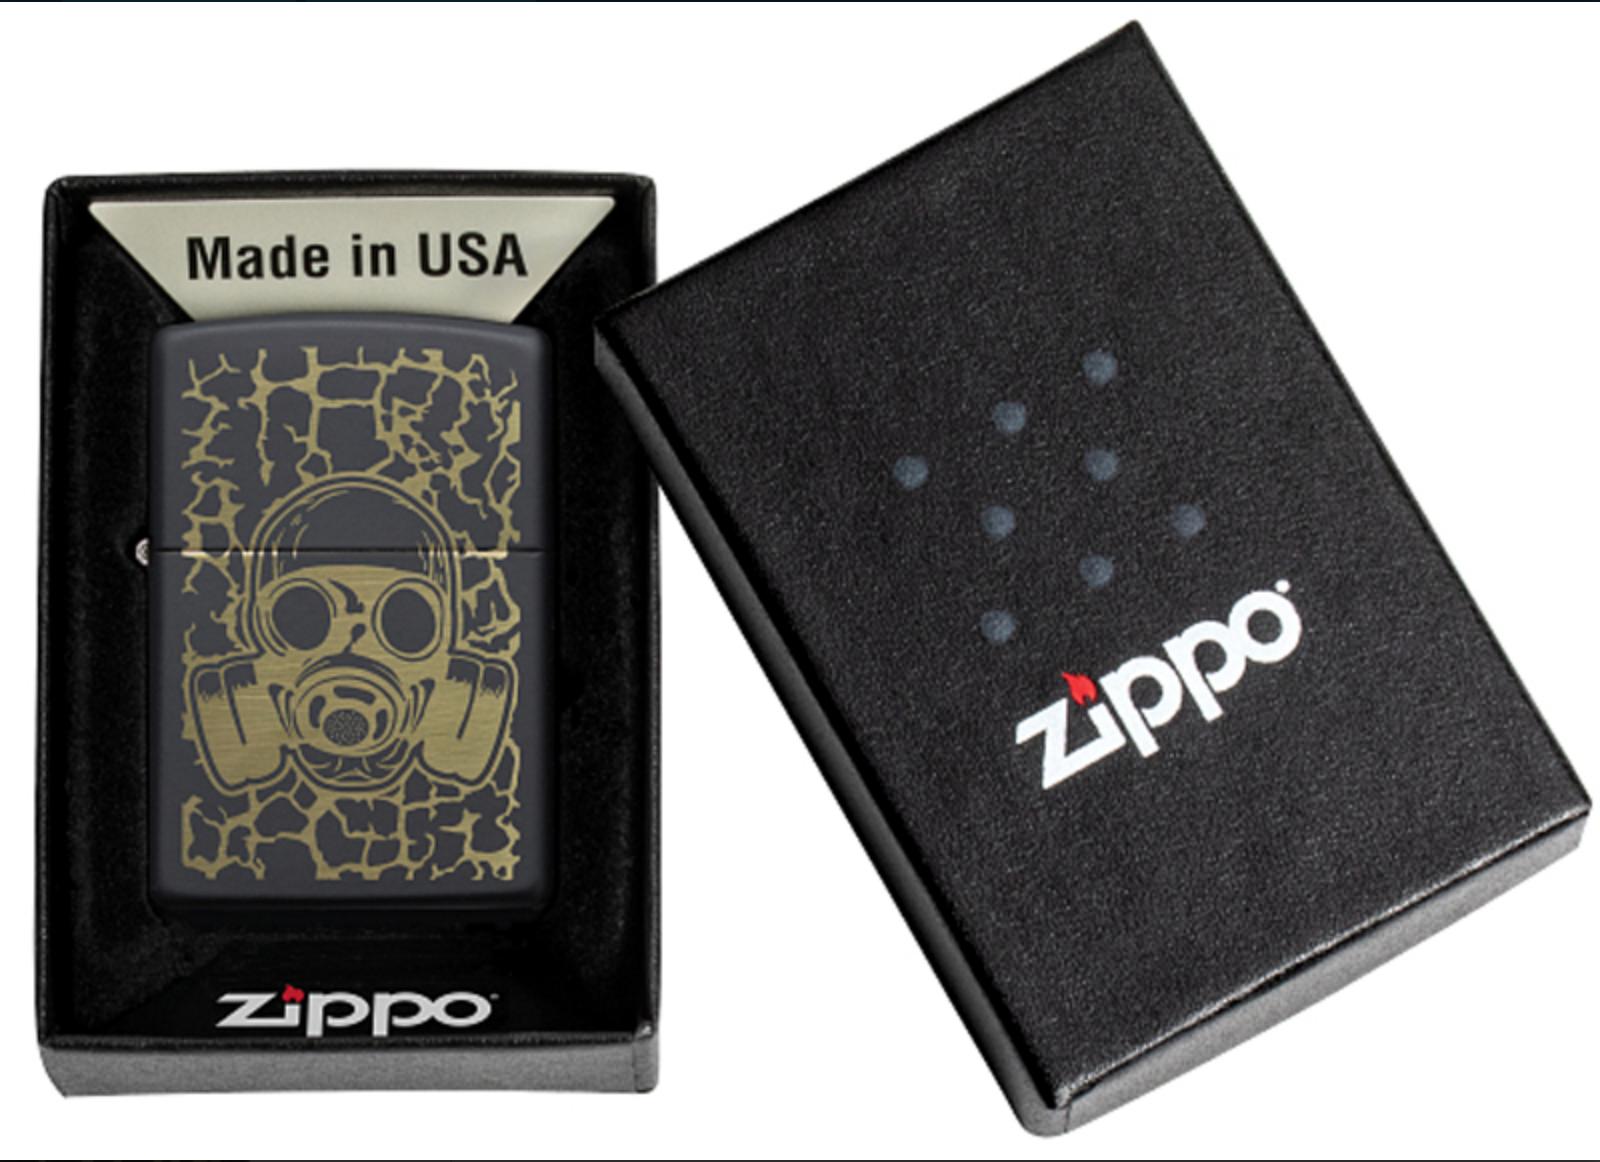 Зажигалка Zippo, цвет латунь/сталь, чёрная, матовая, 38х13х57 мм (Zippo Skull Gas Mask) | Wenger-Victorinox.Ru